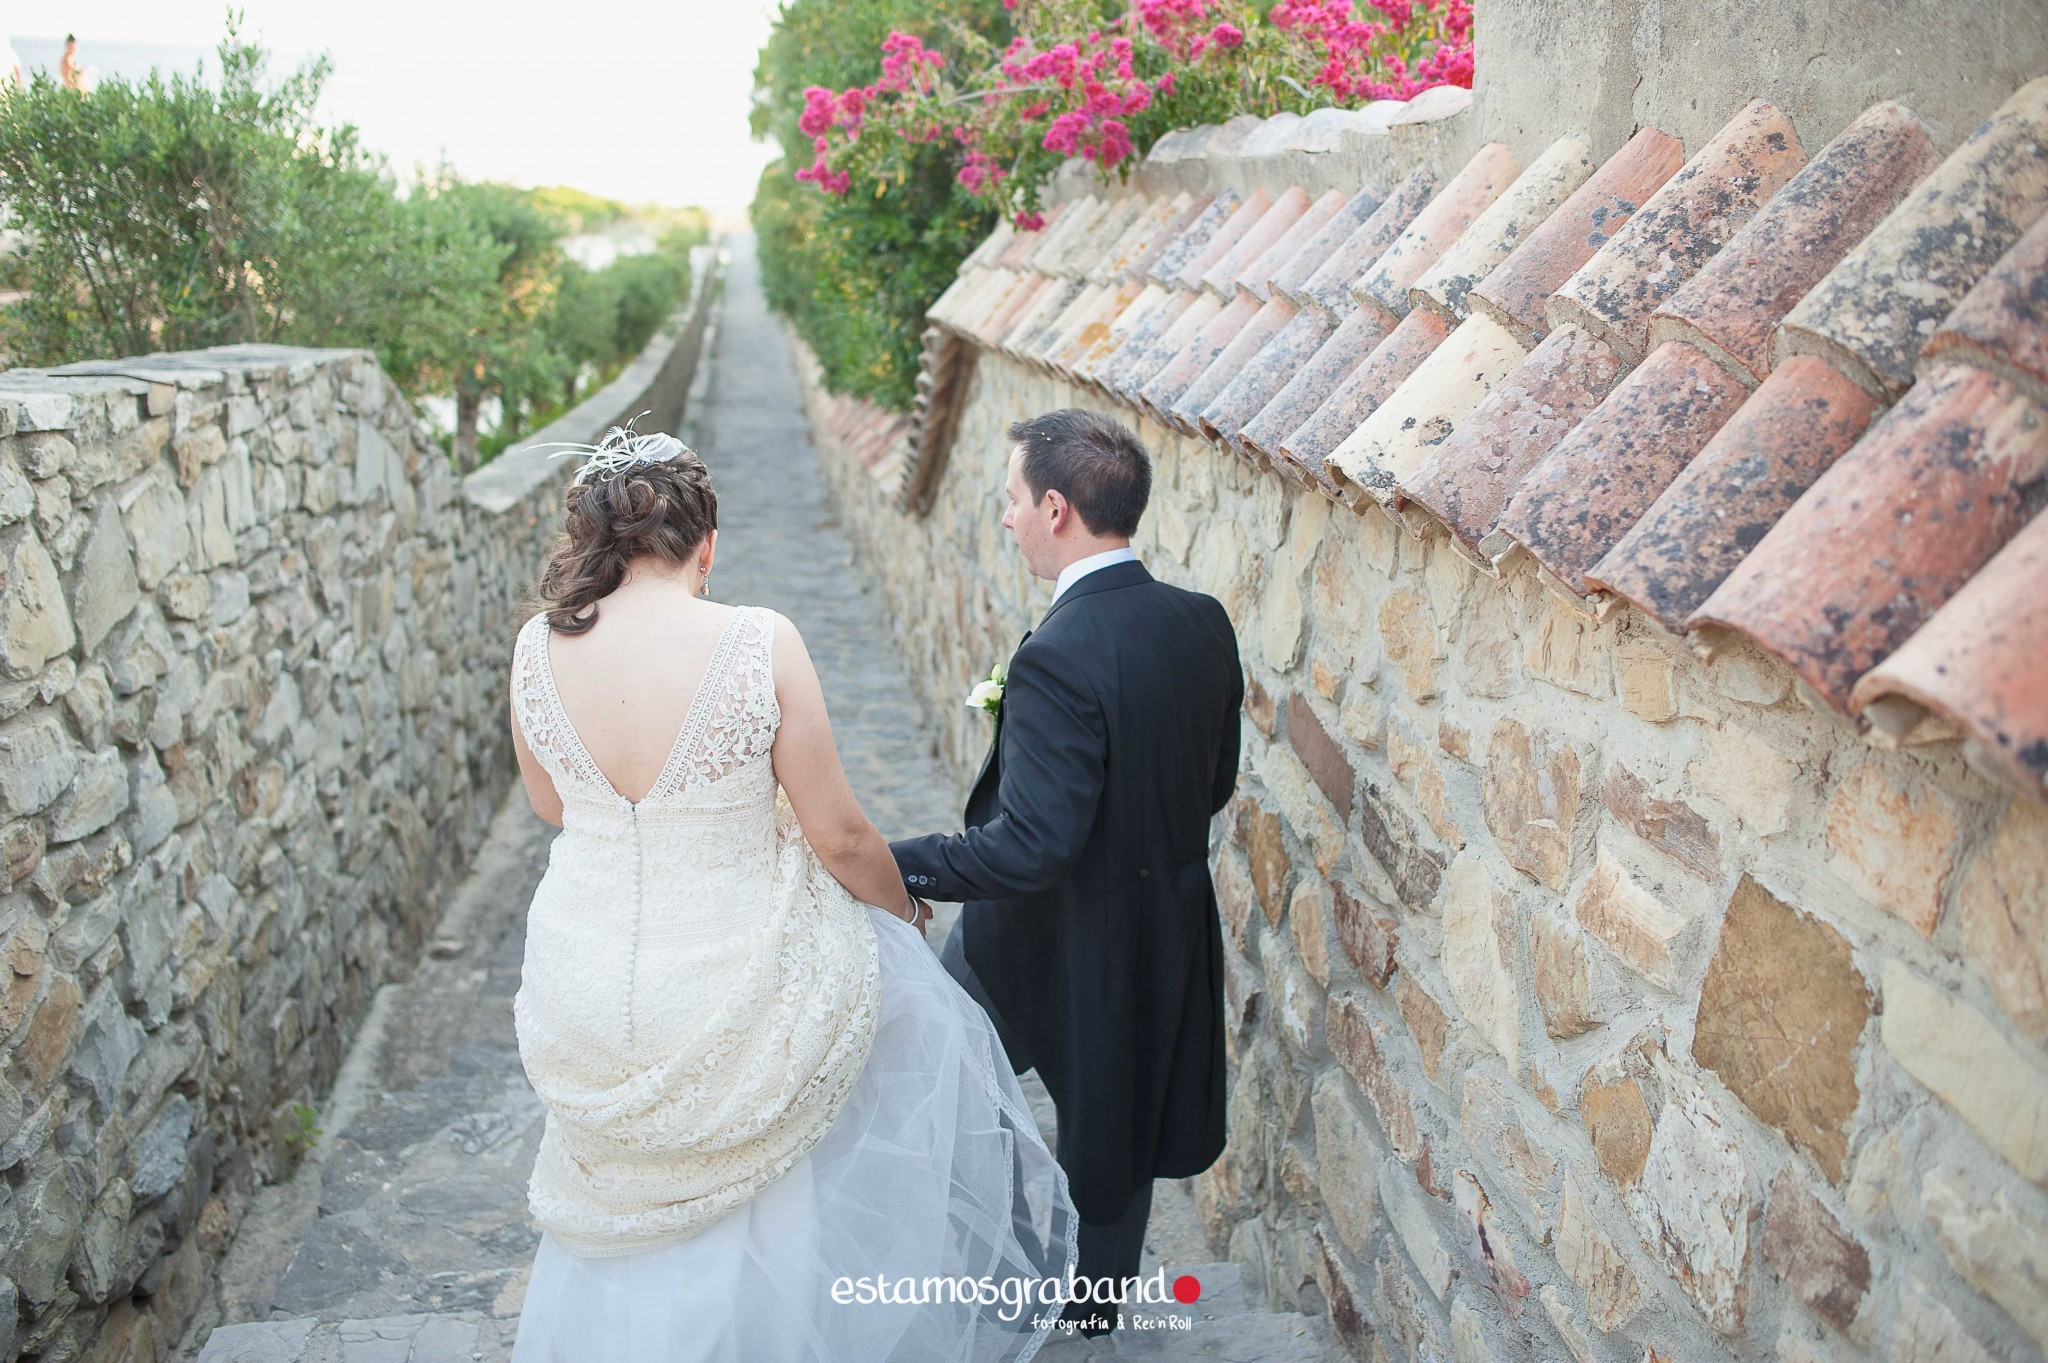 boda-en-chiclana_sonia-y-diego_fotograficc81a-de-boda-55 Zahara Sonia + Diego [Fotografía de Boda en Zahara] - video boda cadiz